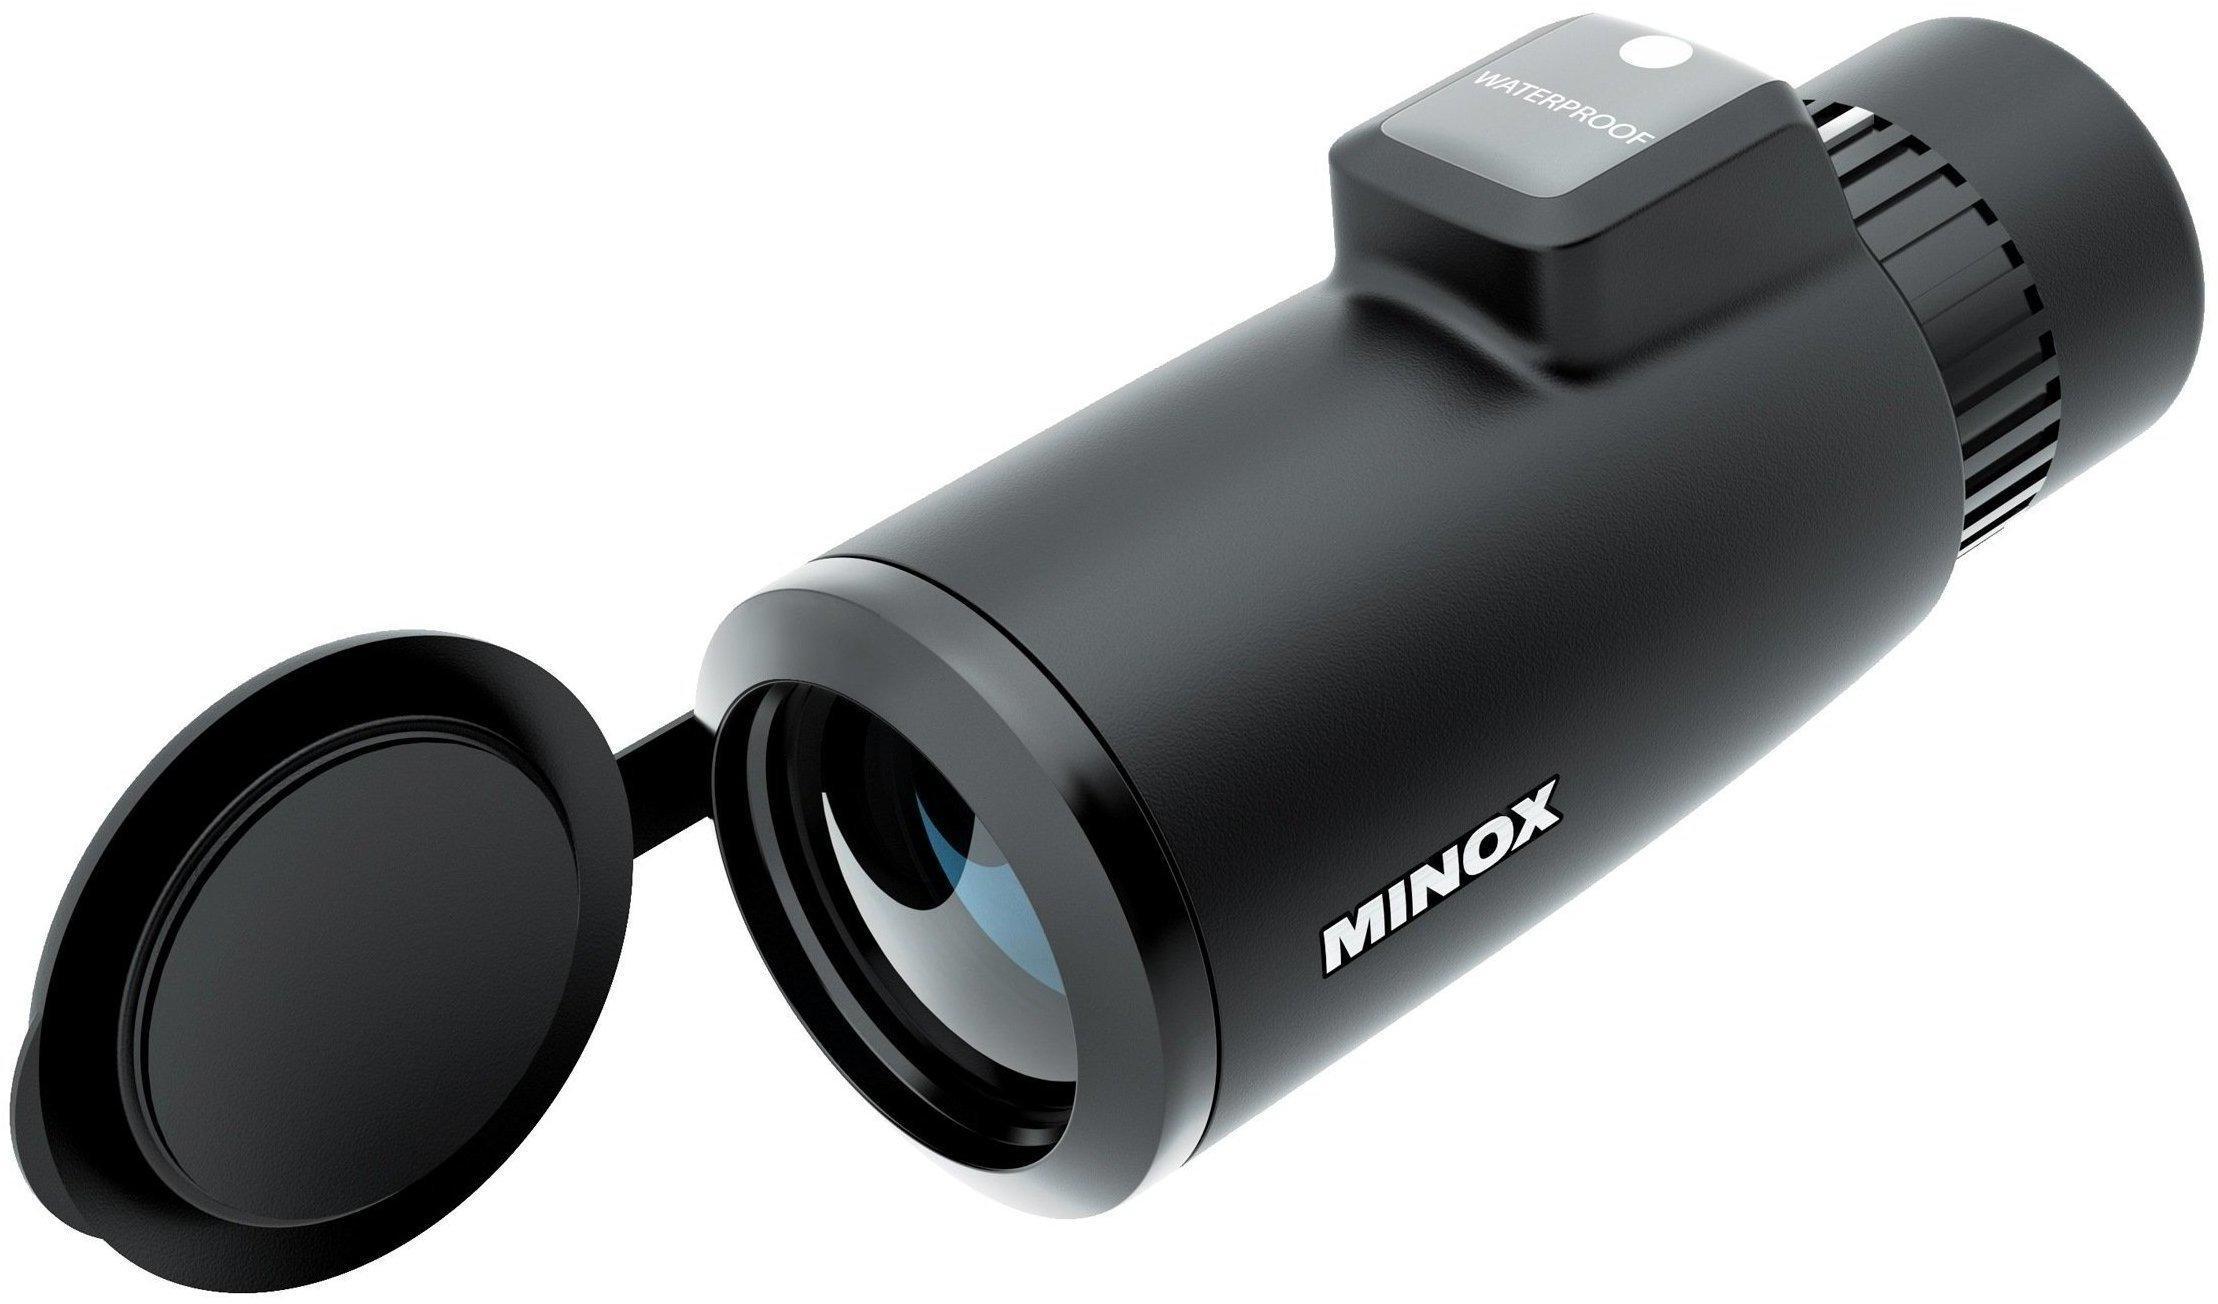 Ferngläser Mit Entfernungsmesser Xxl : Minox md 7x42 c schwarz test ferngläser auf testbericht.de